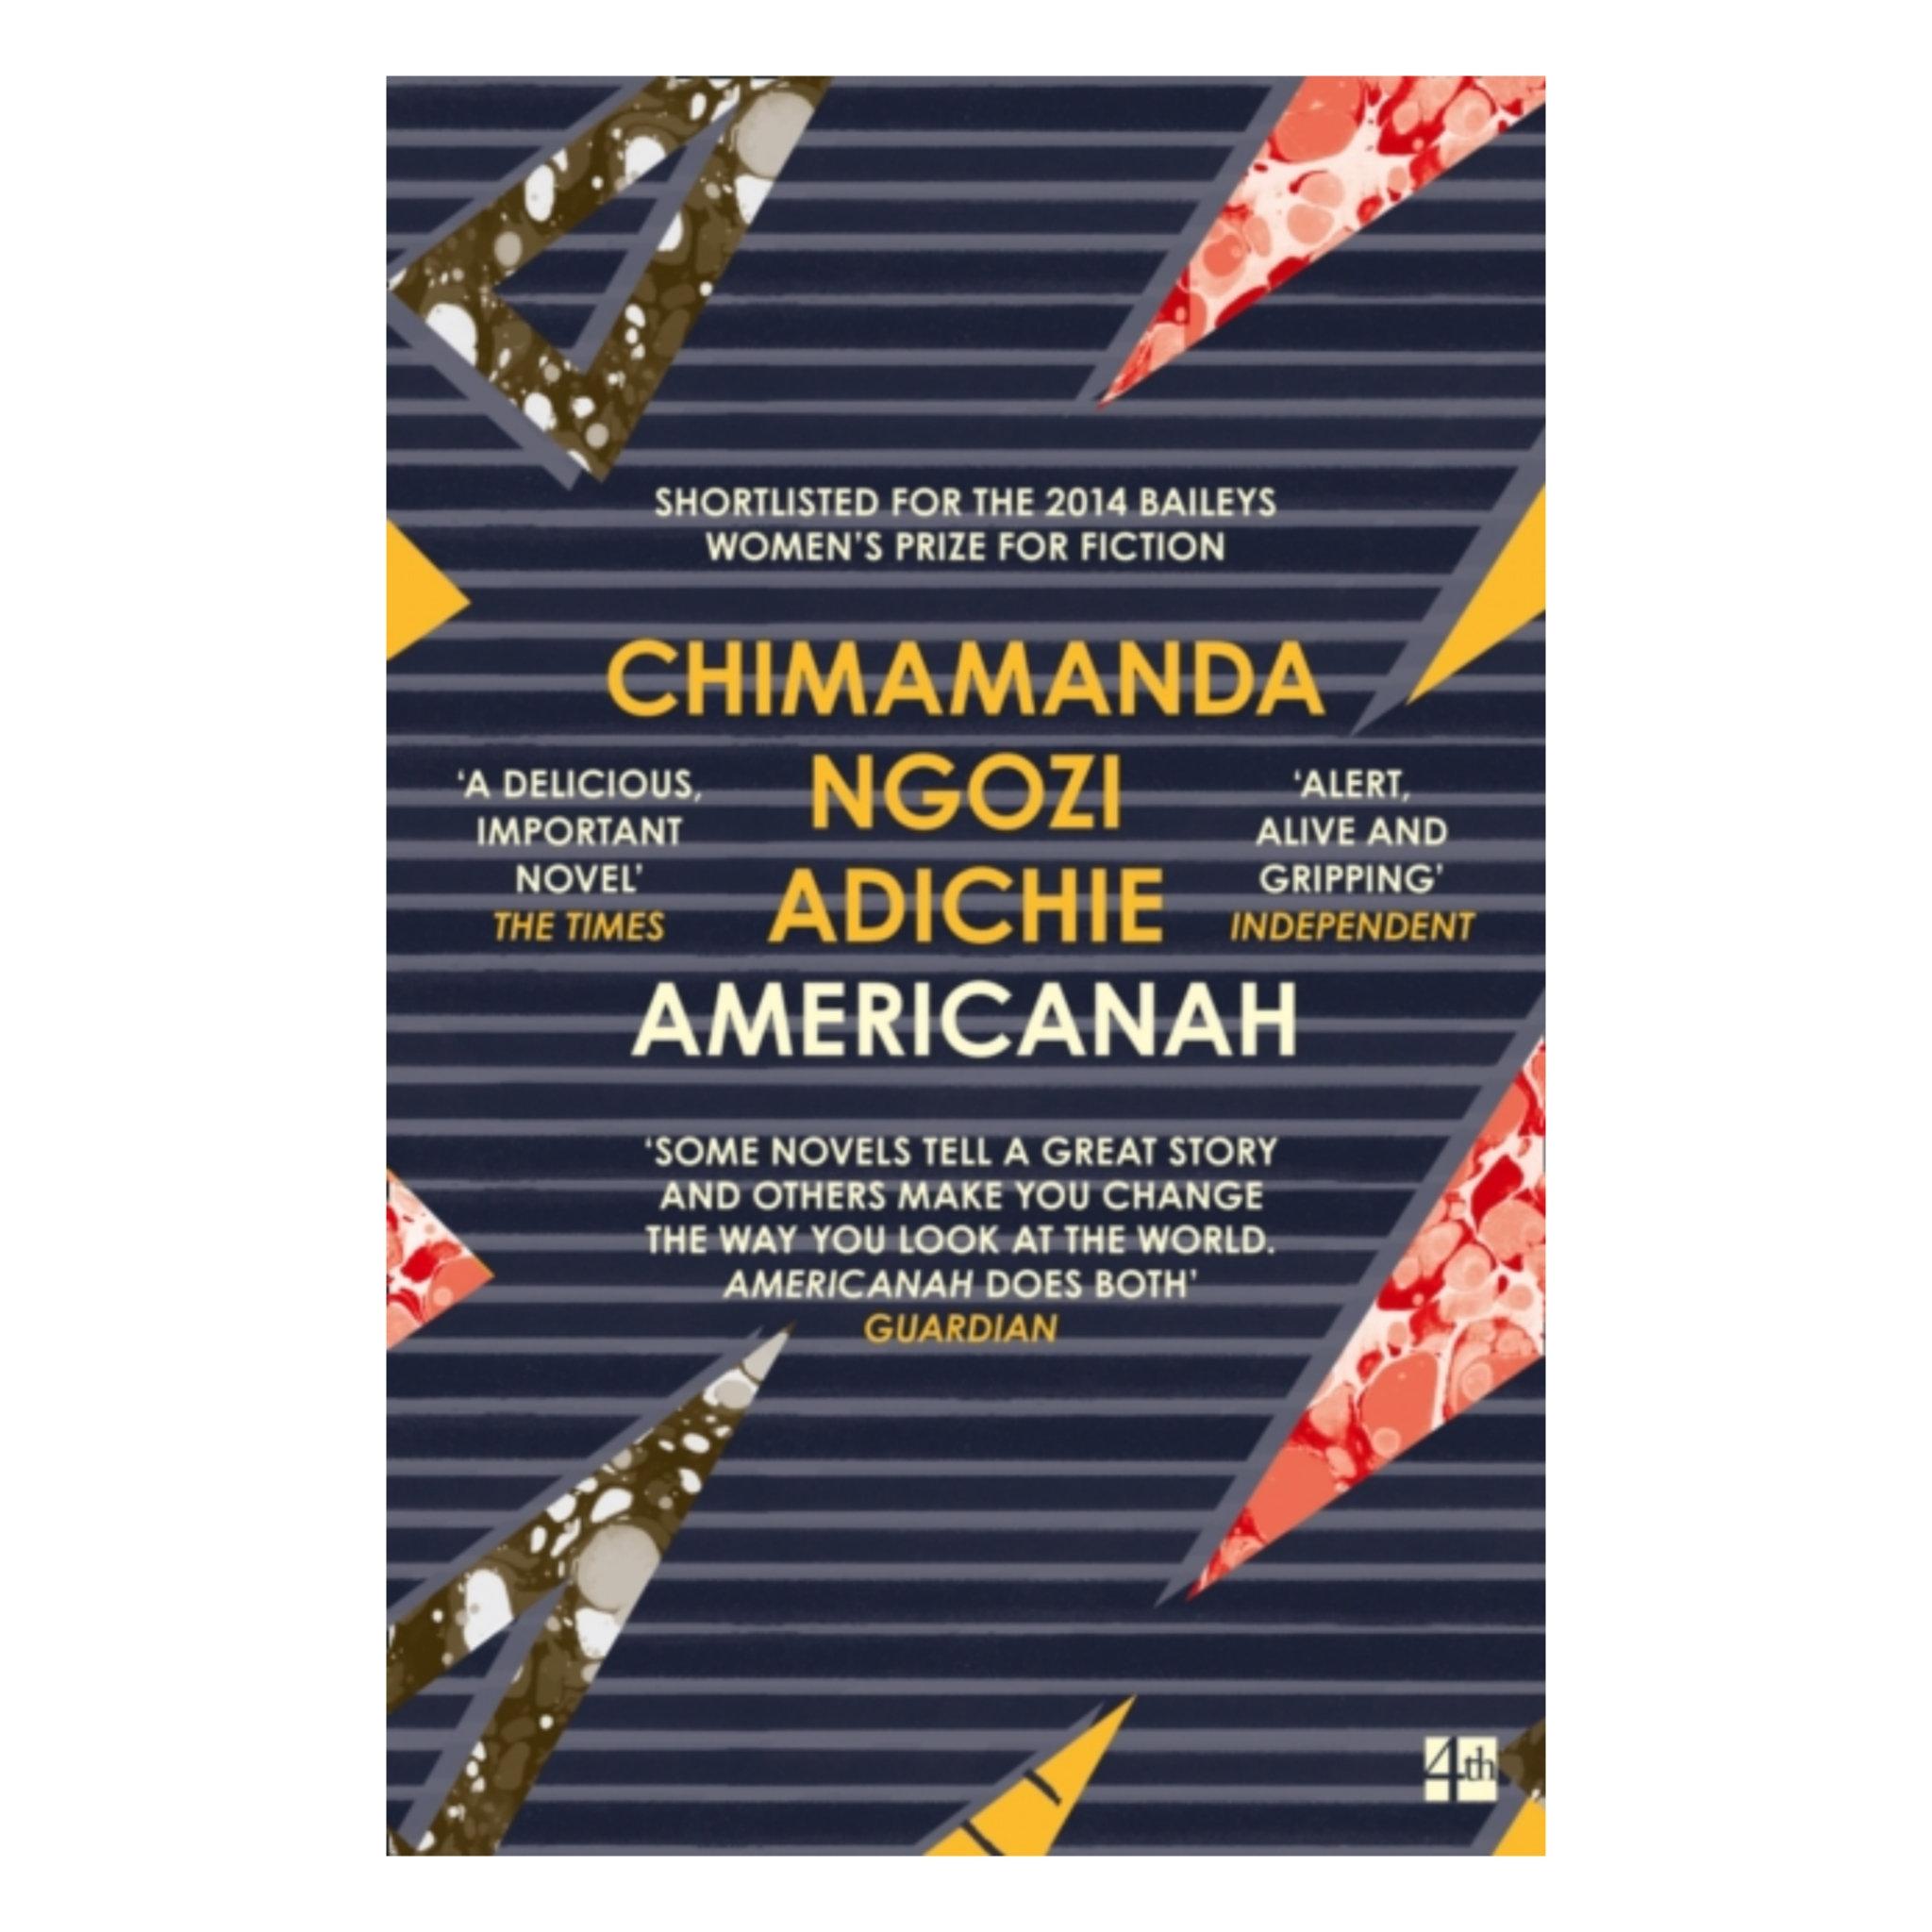 Americanah - Chimamanda Ngozi Adichie | moonlaneink